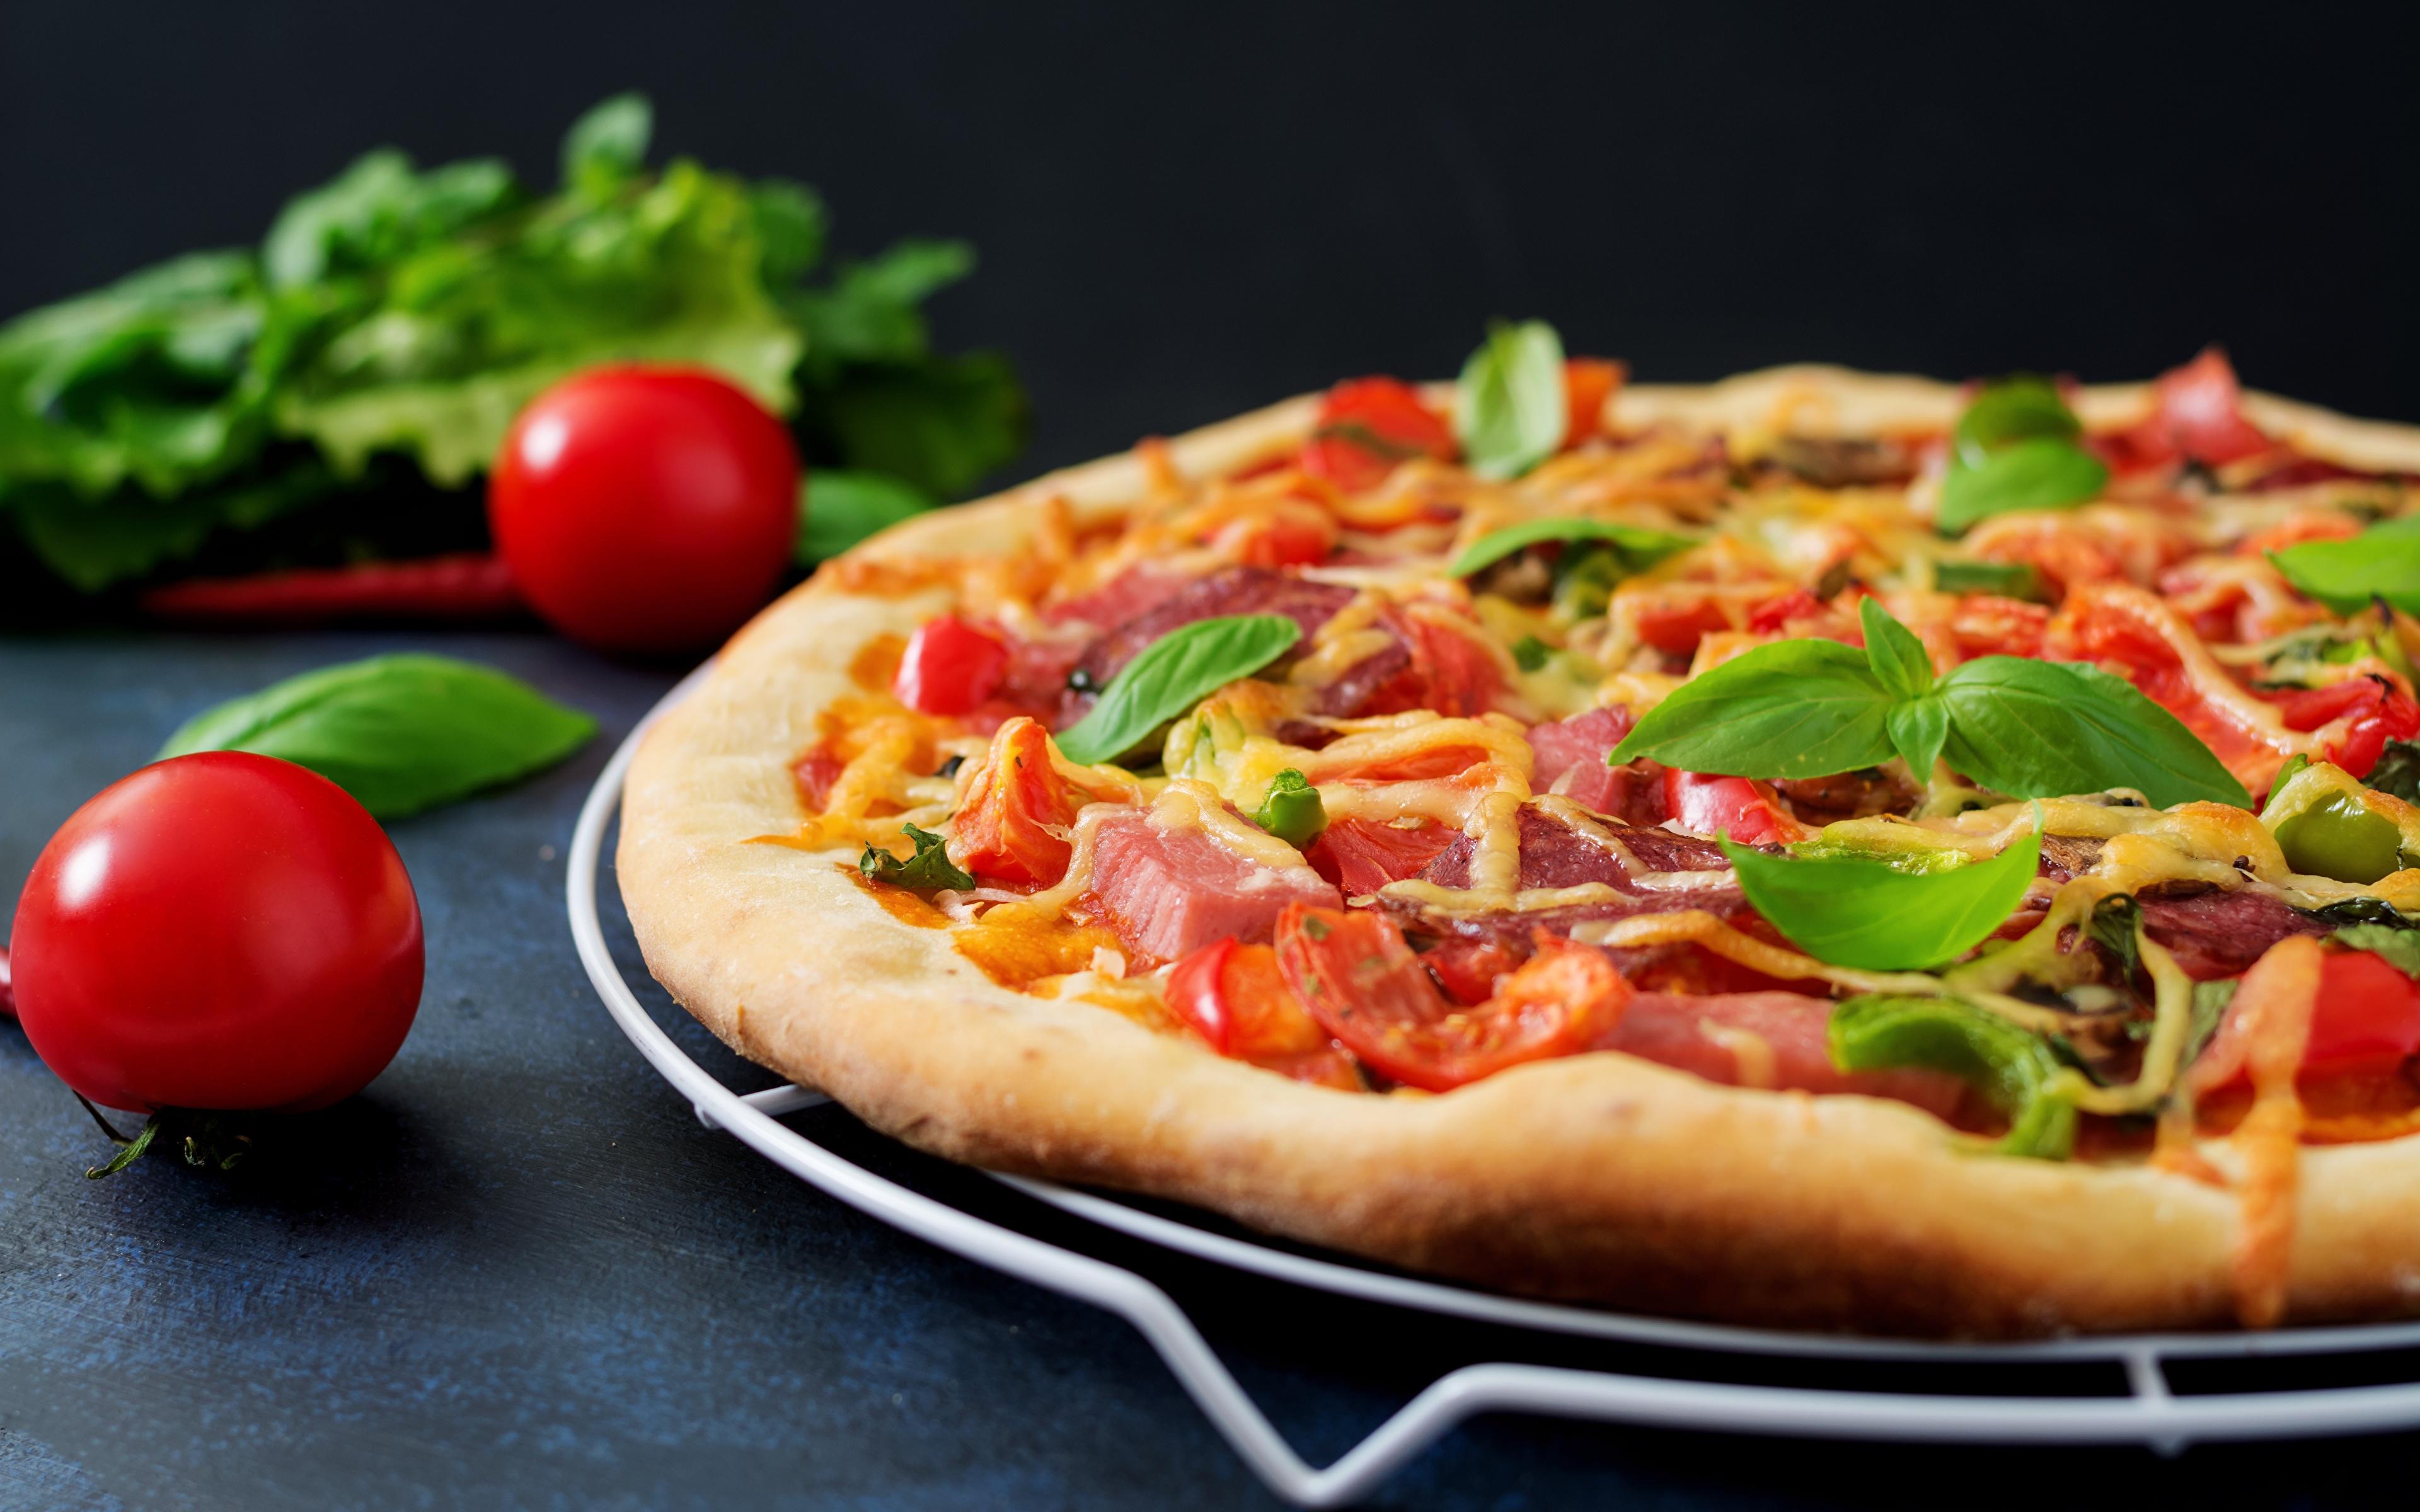 Картинки Пицца Помидоры Базилик душистый Ветчина Пища вблизи 3840x2400 Томаты Еда Продукты питания Крупным планом